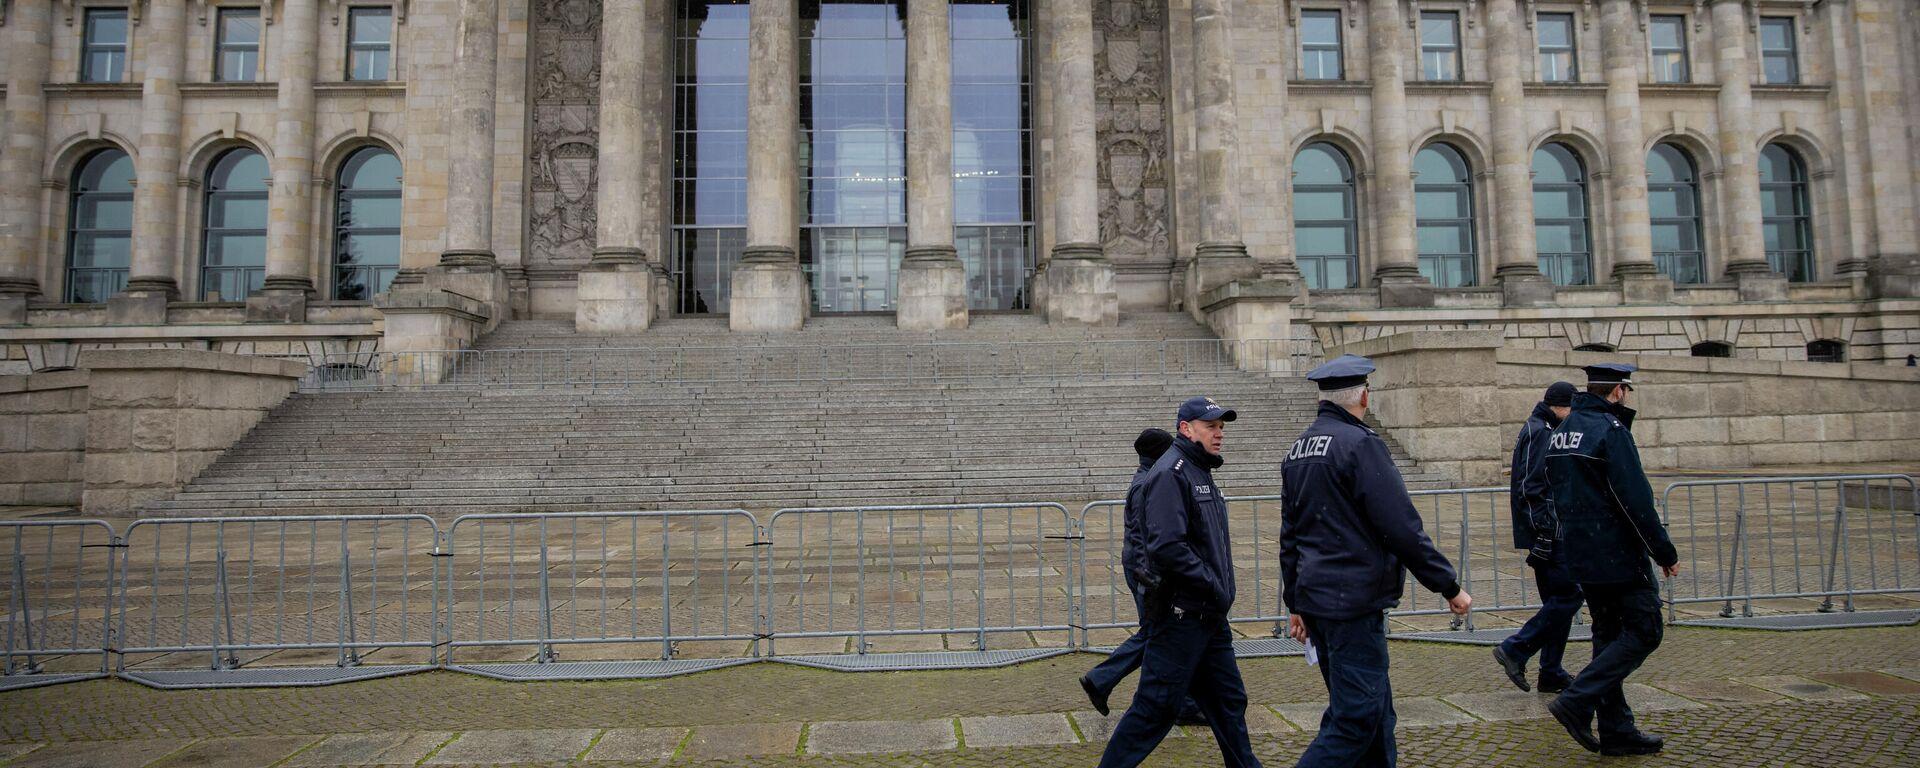 Polizei vor dem Bundestag  - SNA, 1920, 21.02.2021